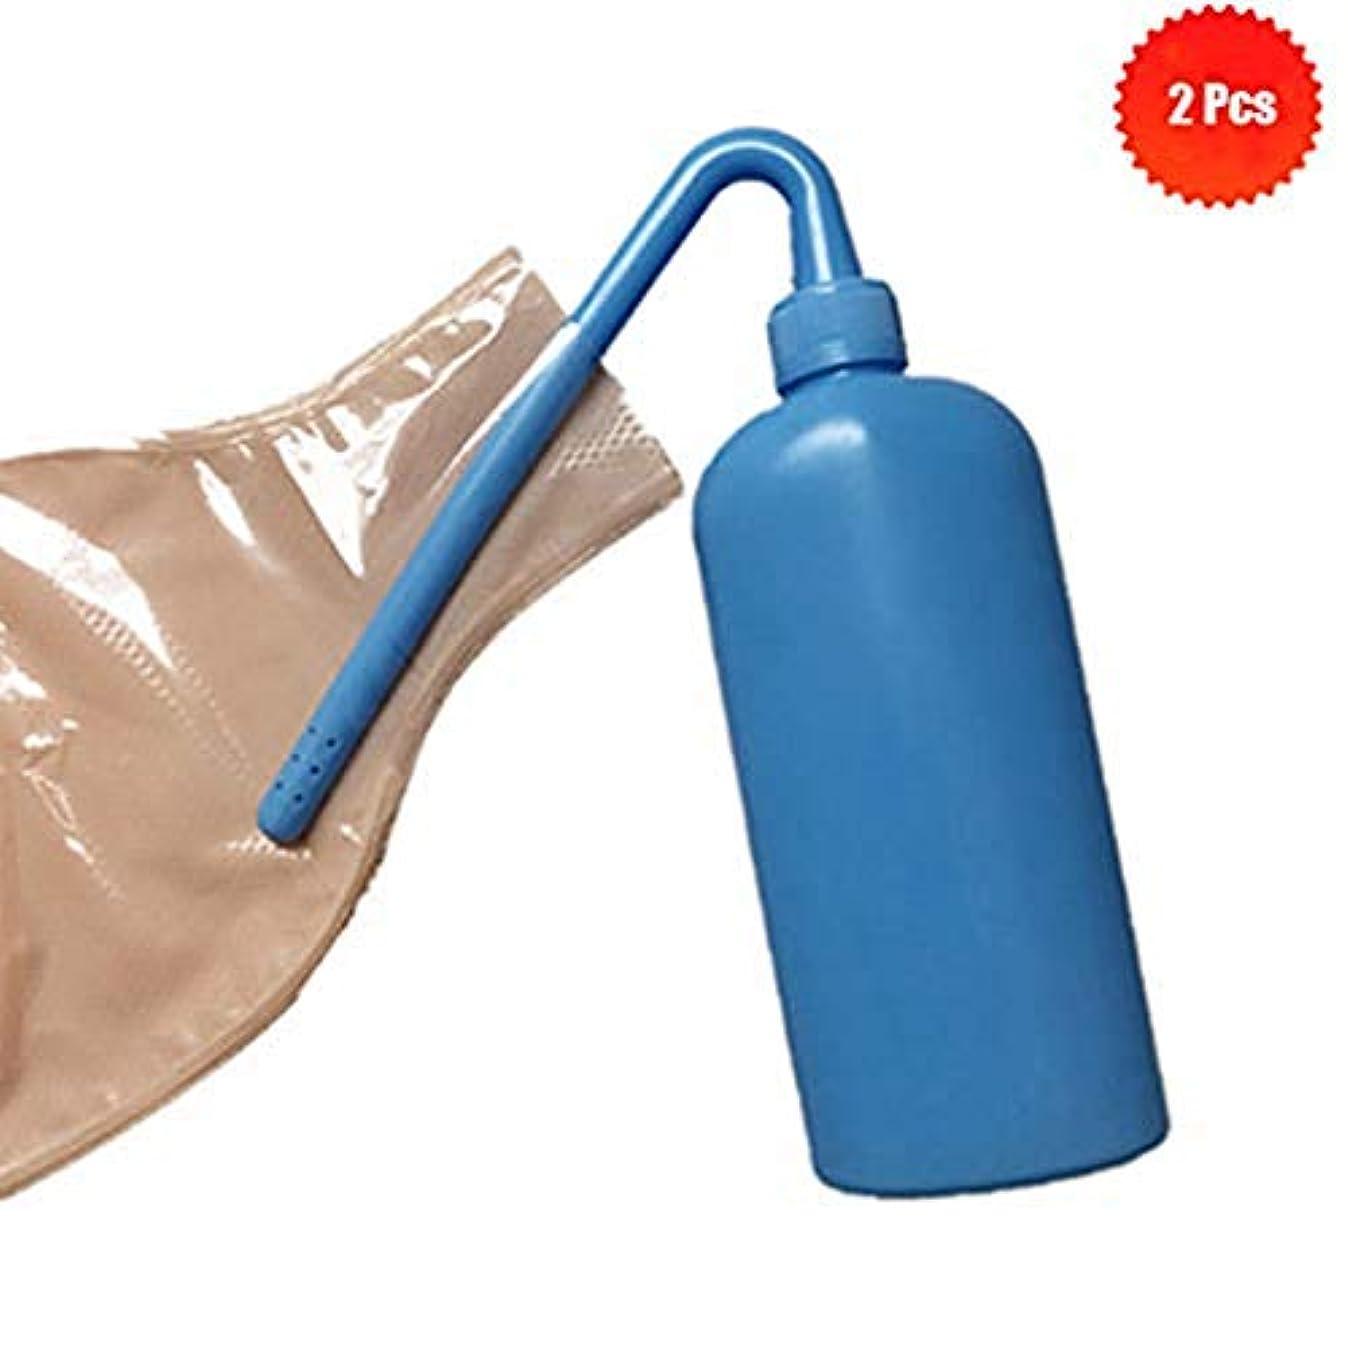 反乱全員フラフープ2個ストーマ袋クリーナークリーニングボトルストーマ袋スツールバッグ特別なクリーニングストーマケア製品ストーマリンスポット、350ML